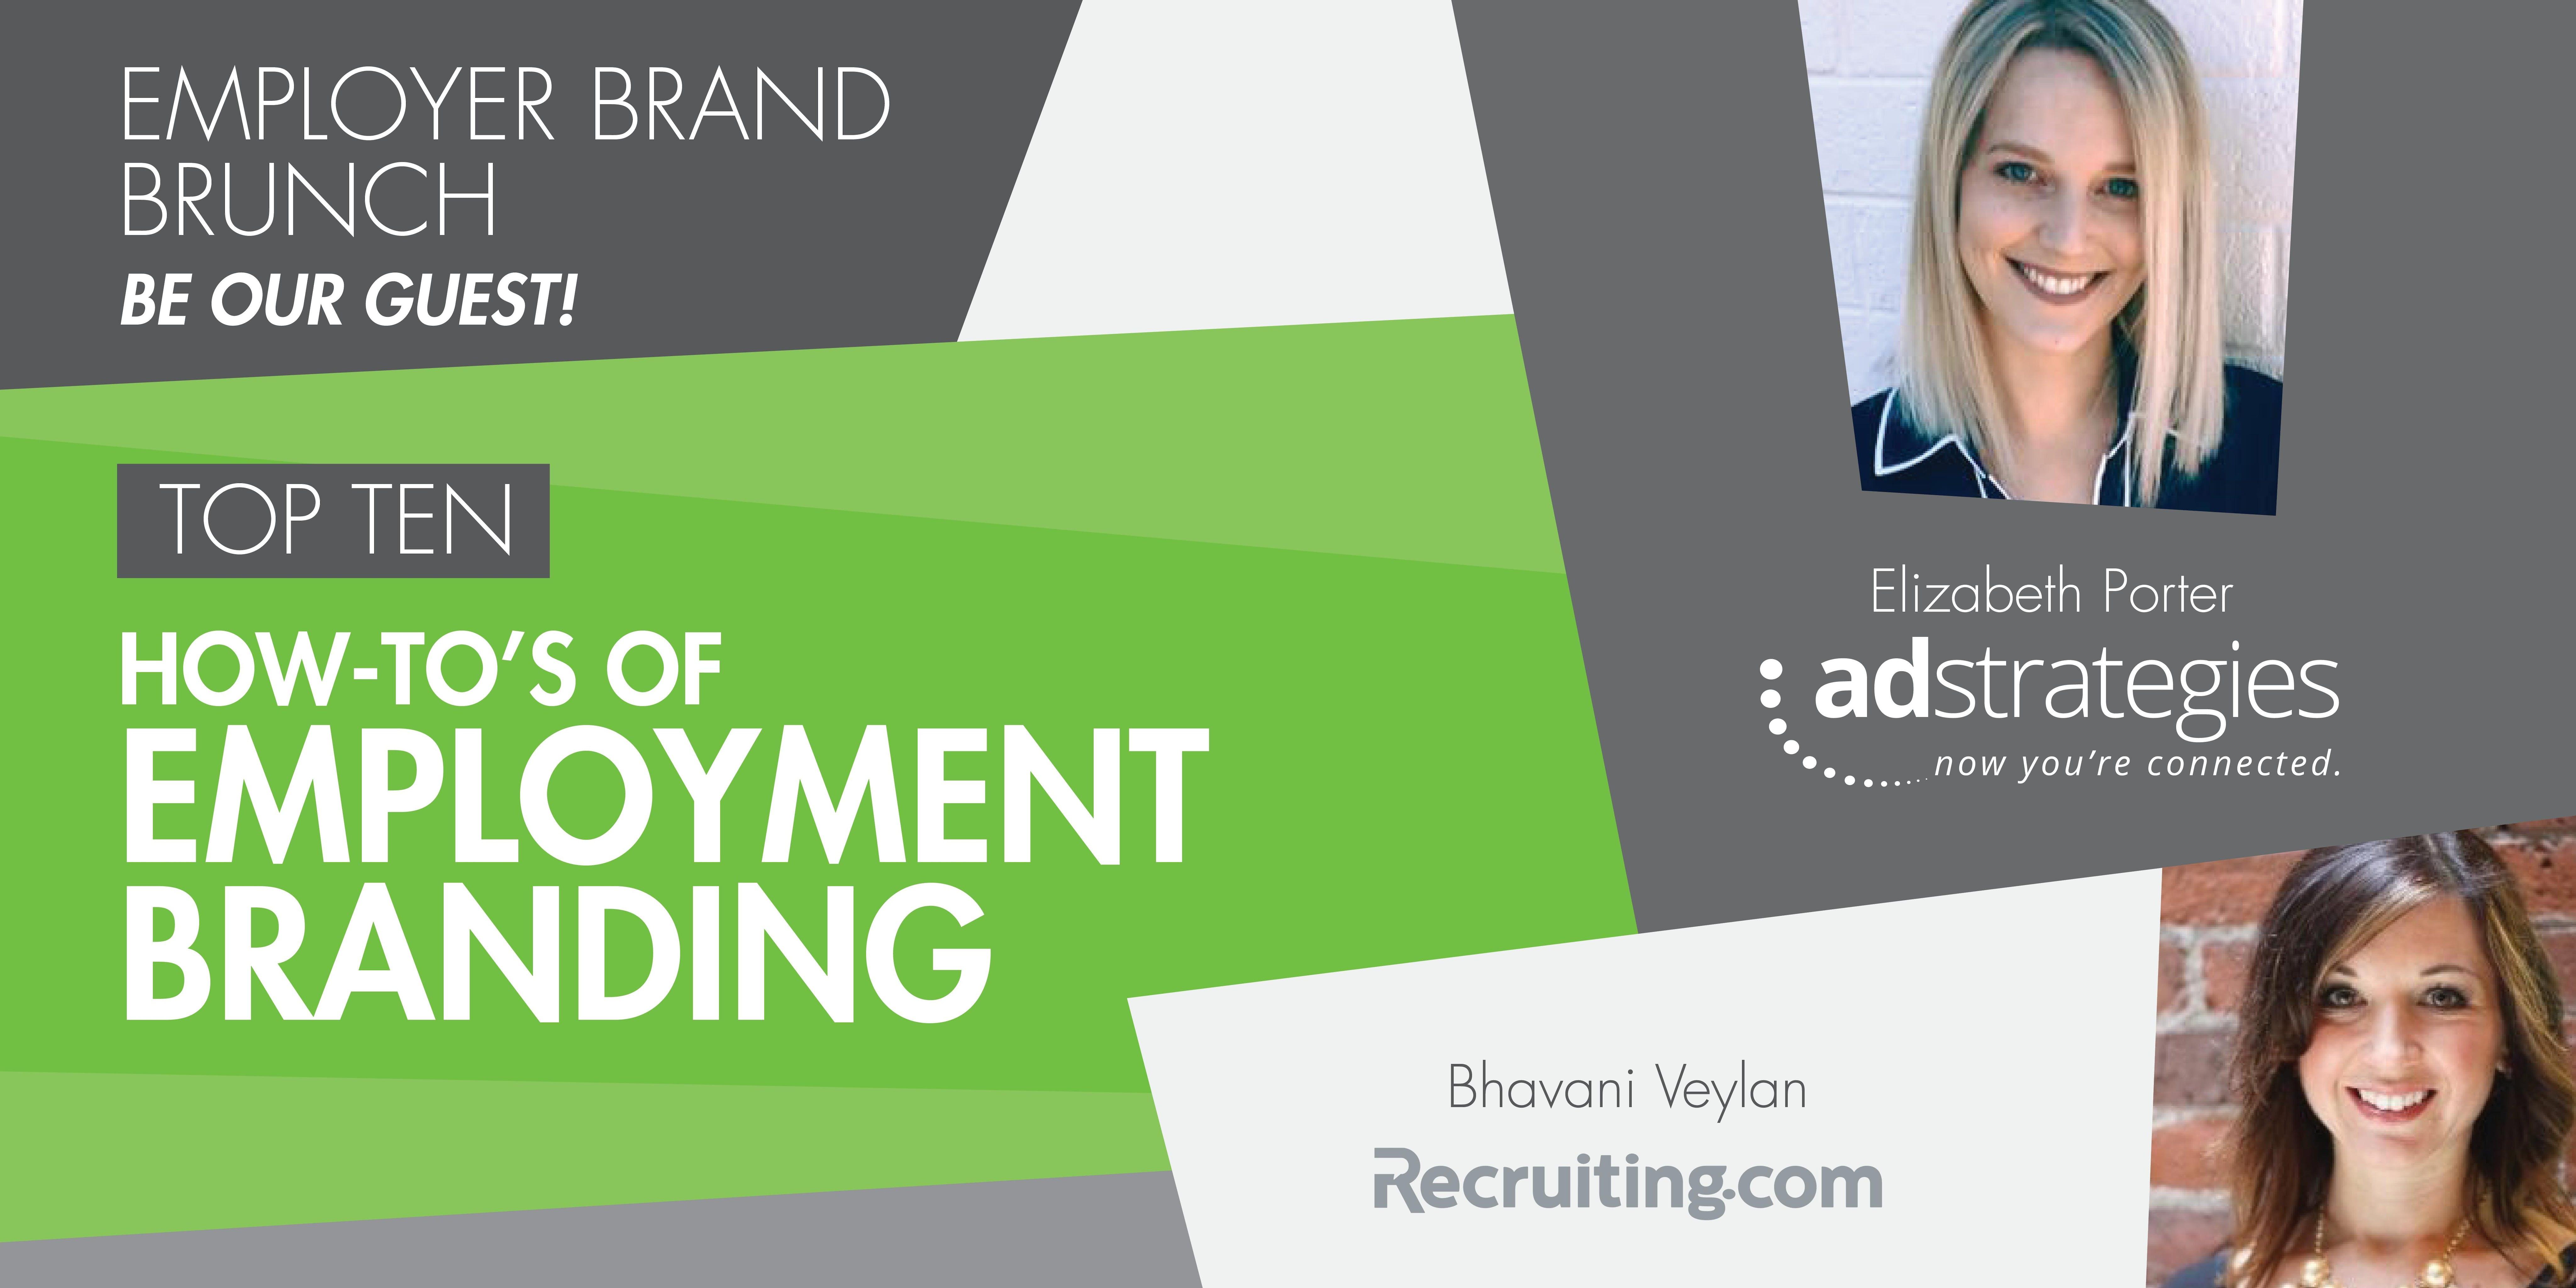 Employment Brand Brunch